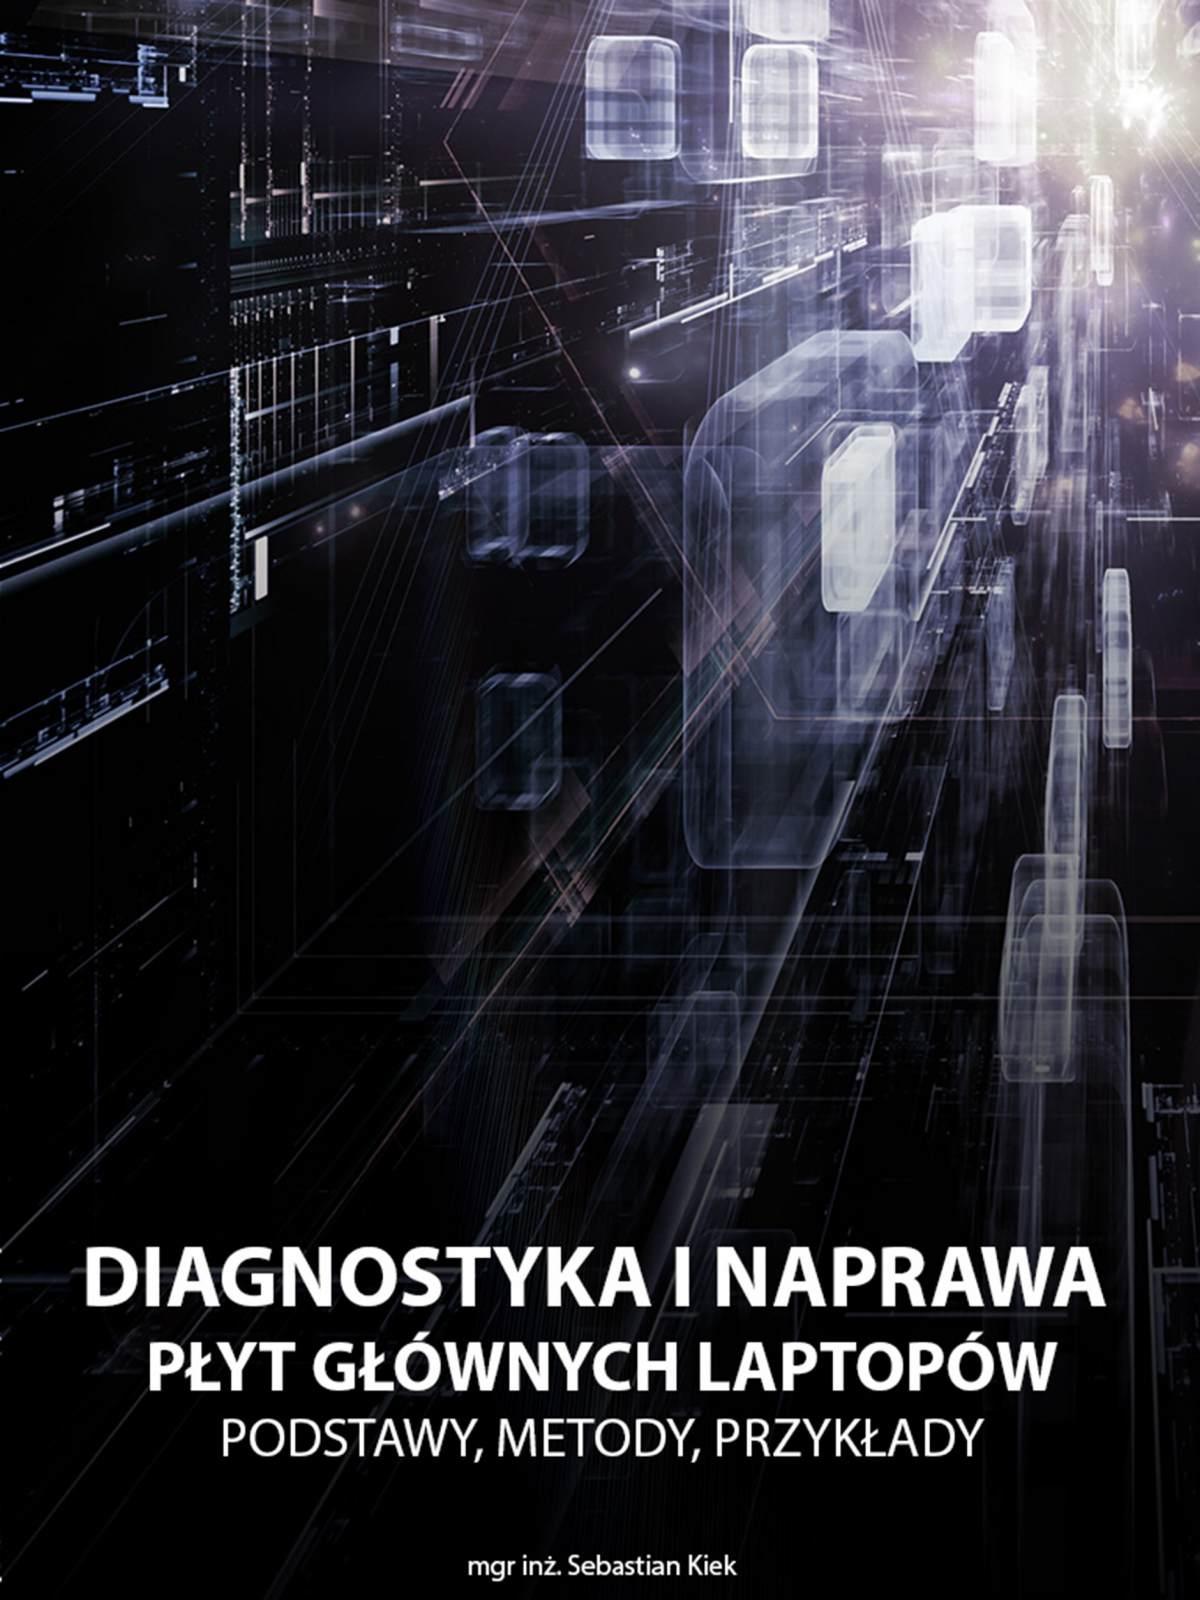 Diagnostyka i naprawa płyt głównych laptopów - Ebook (Książka na Kindle) do pobrania w formacie MOBI